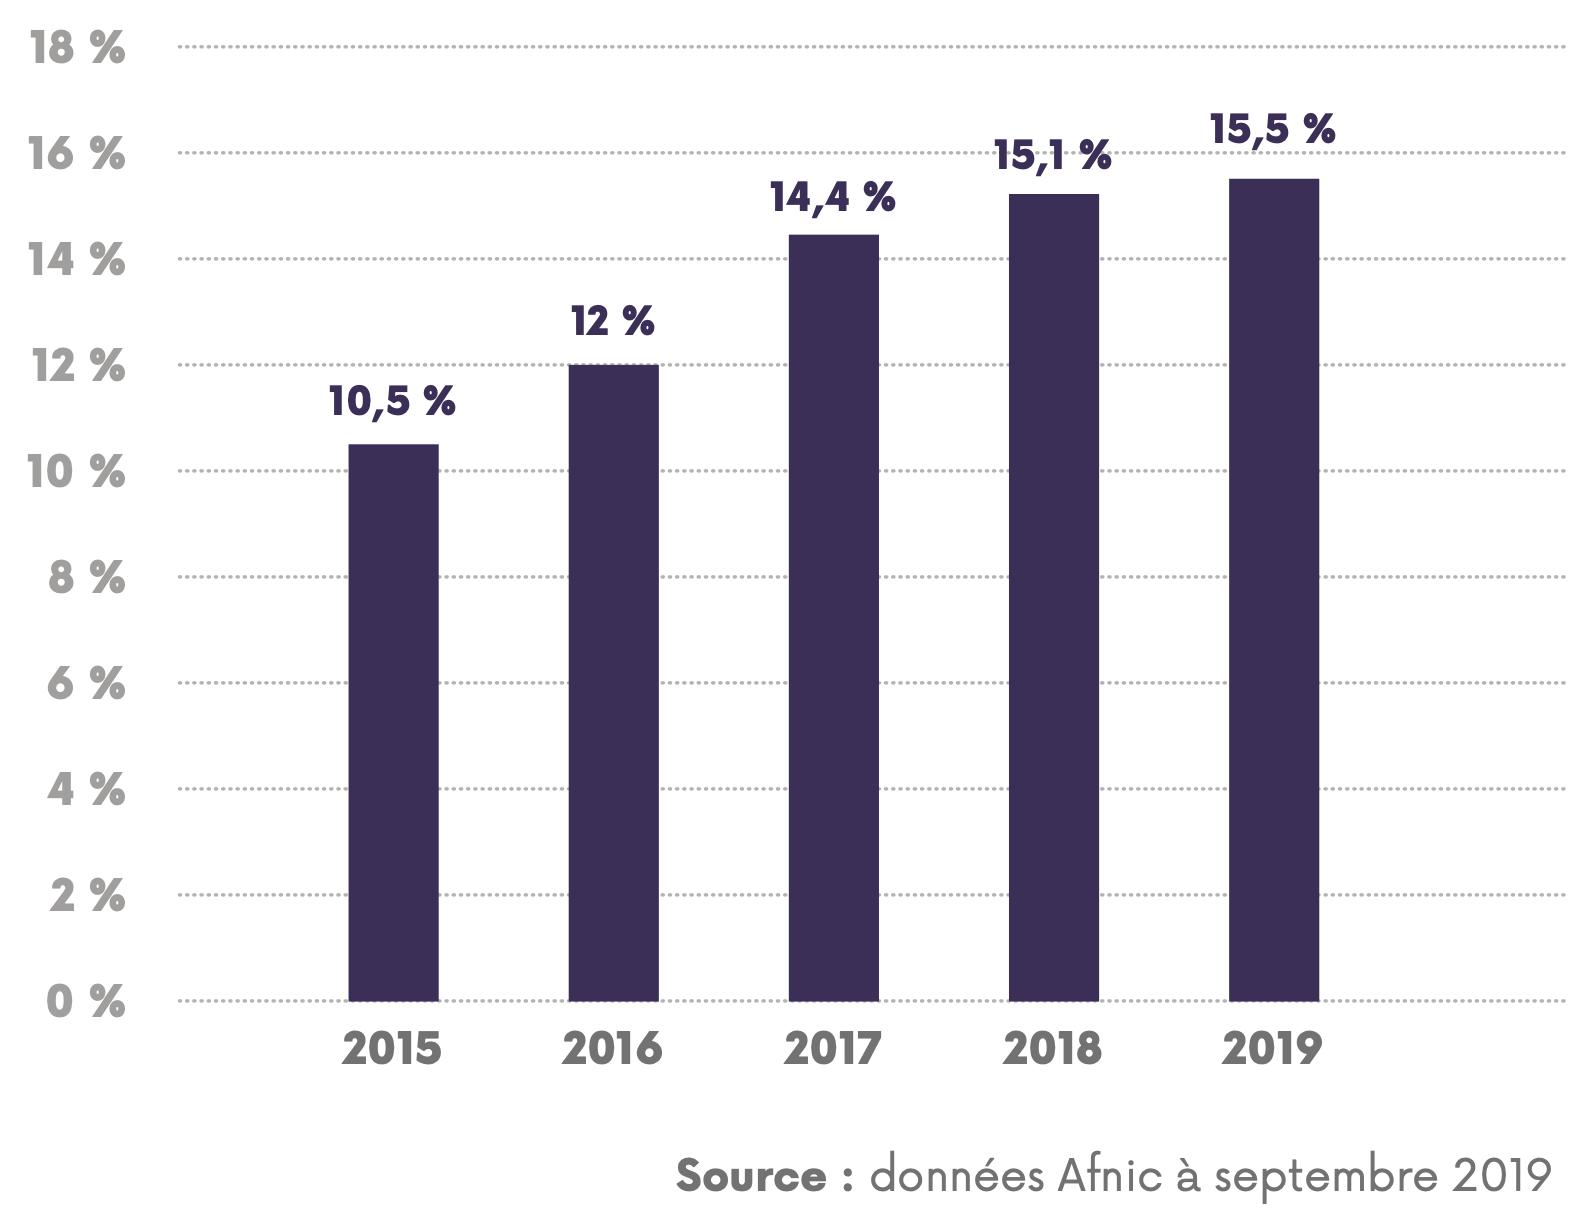 graphique sur l'évolution du taux des sites accessibles en IPv6